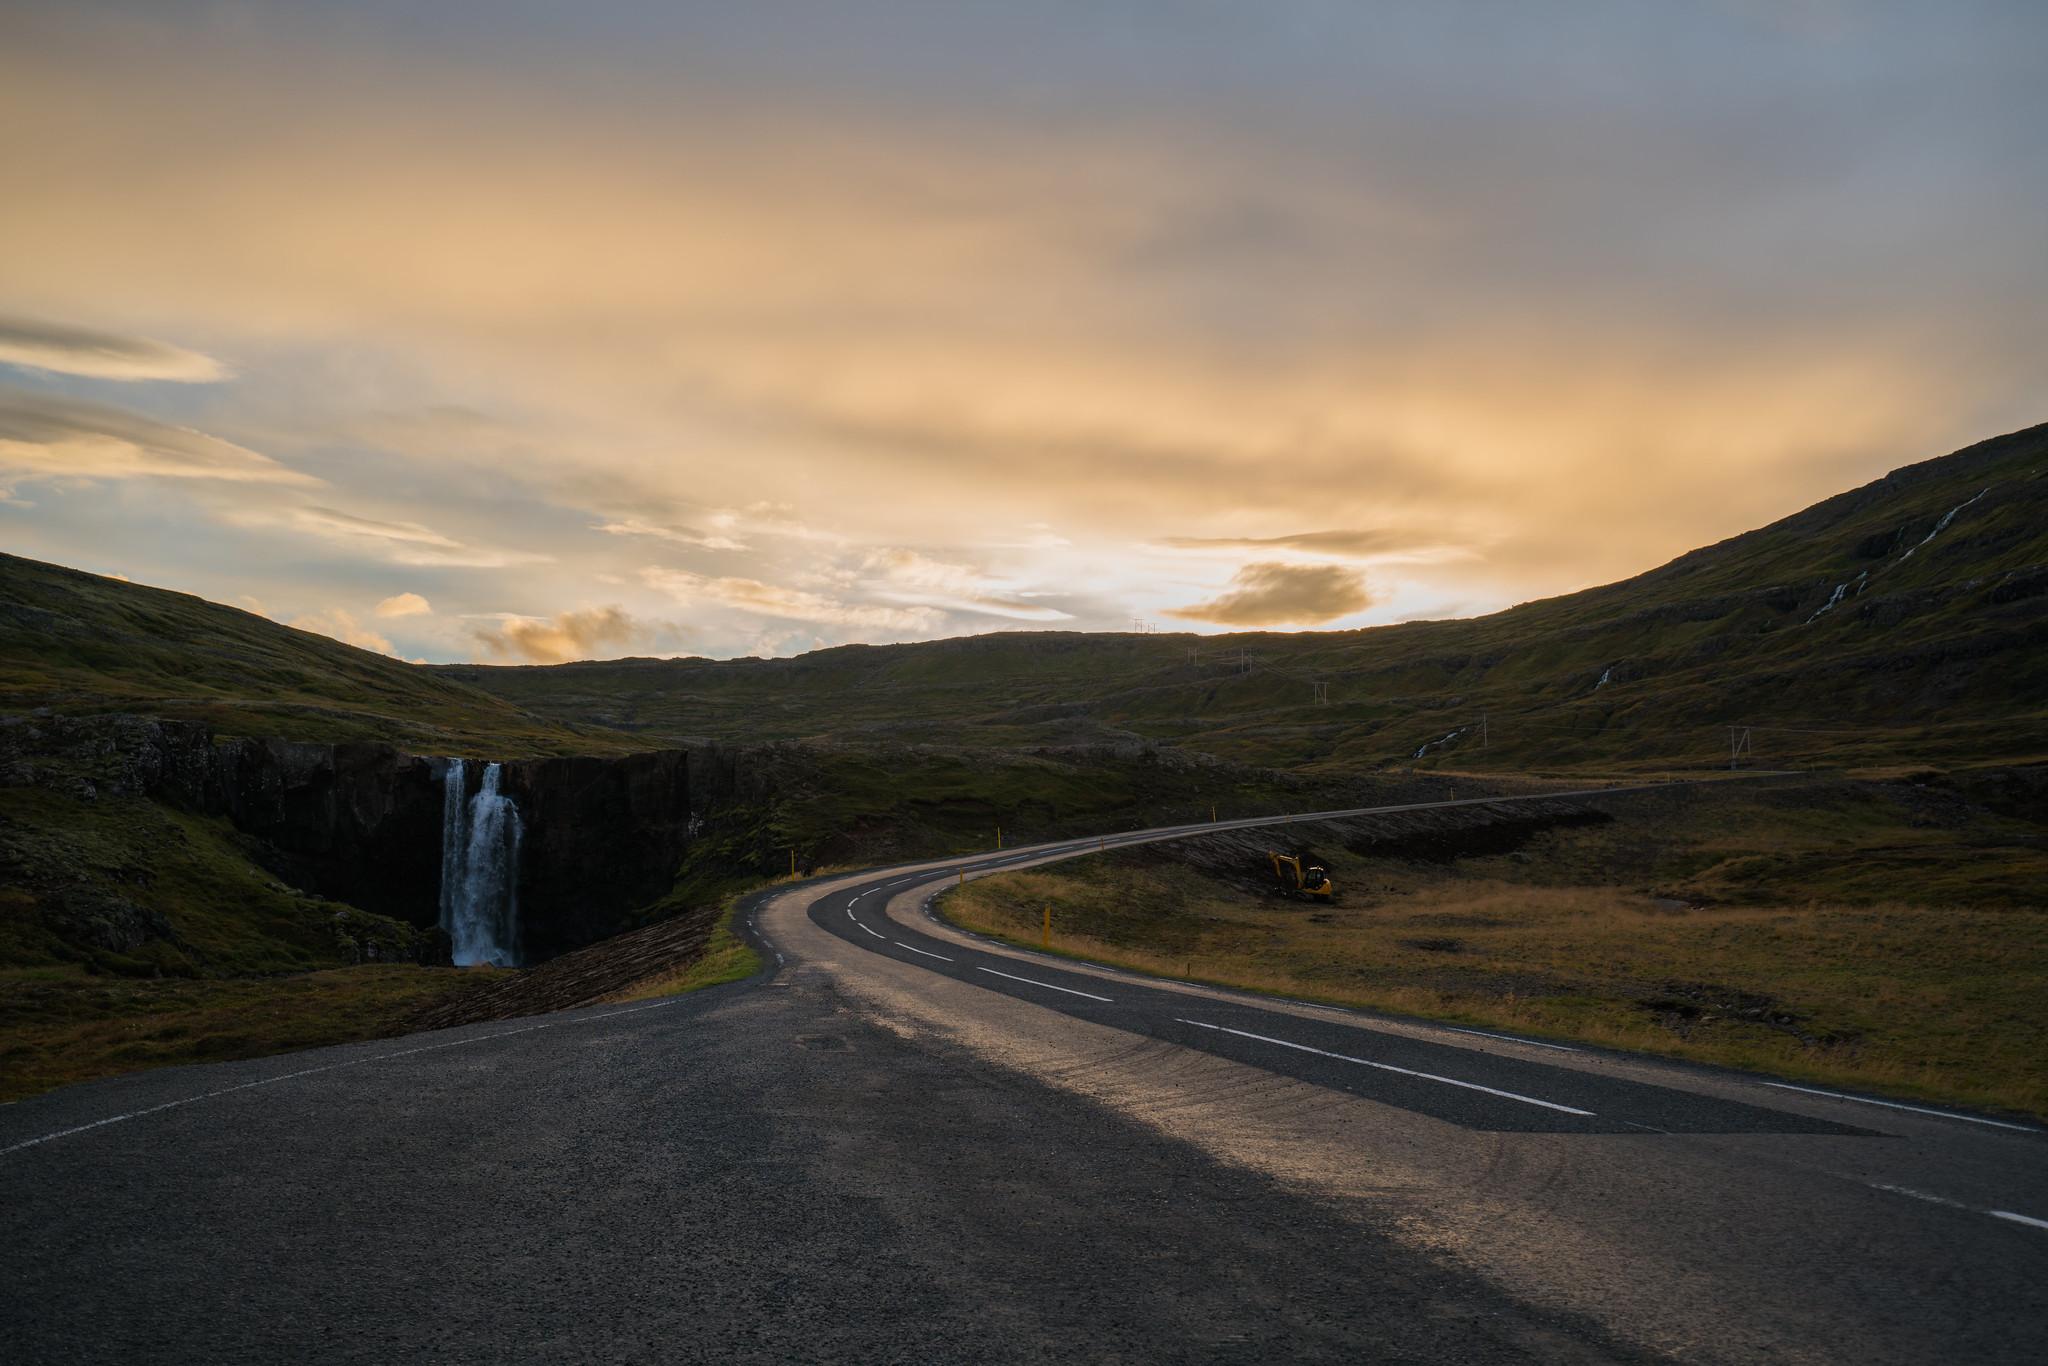 少对冰岛这遥远的地方有着憧憬   特别是主角华特米堤溜滑板的那一段